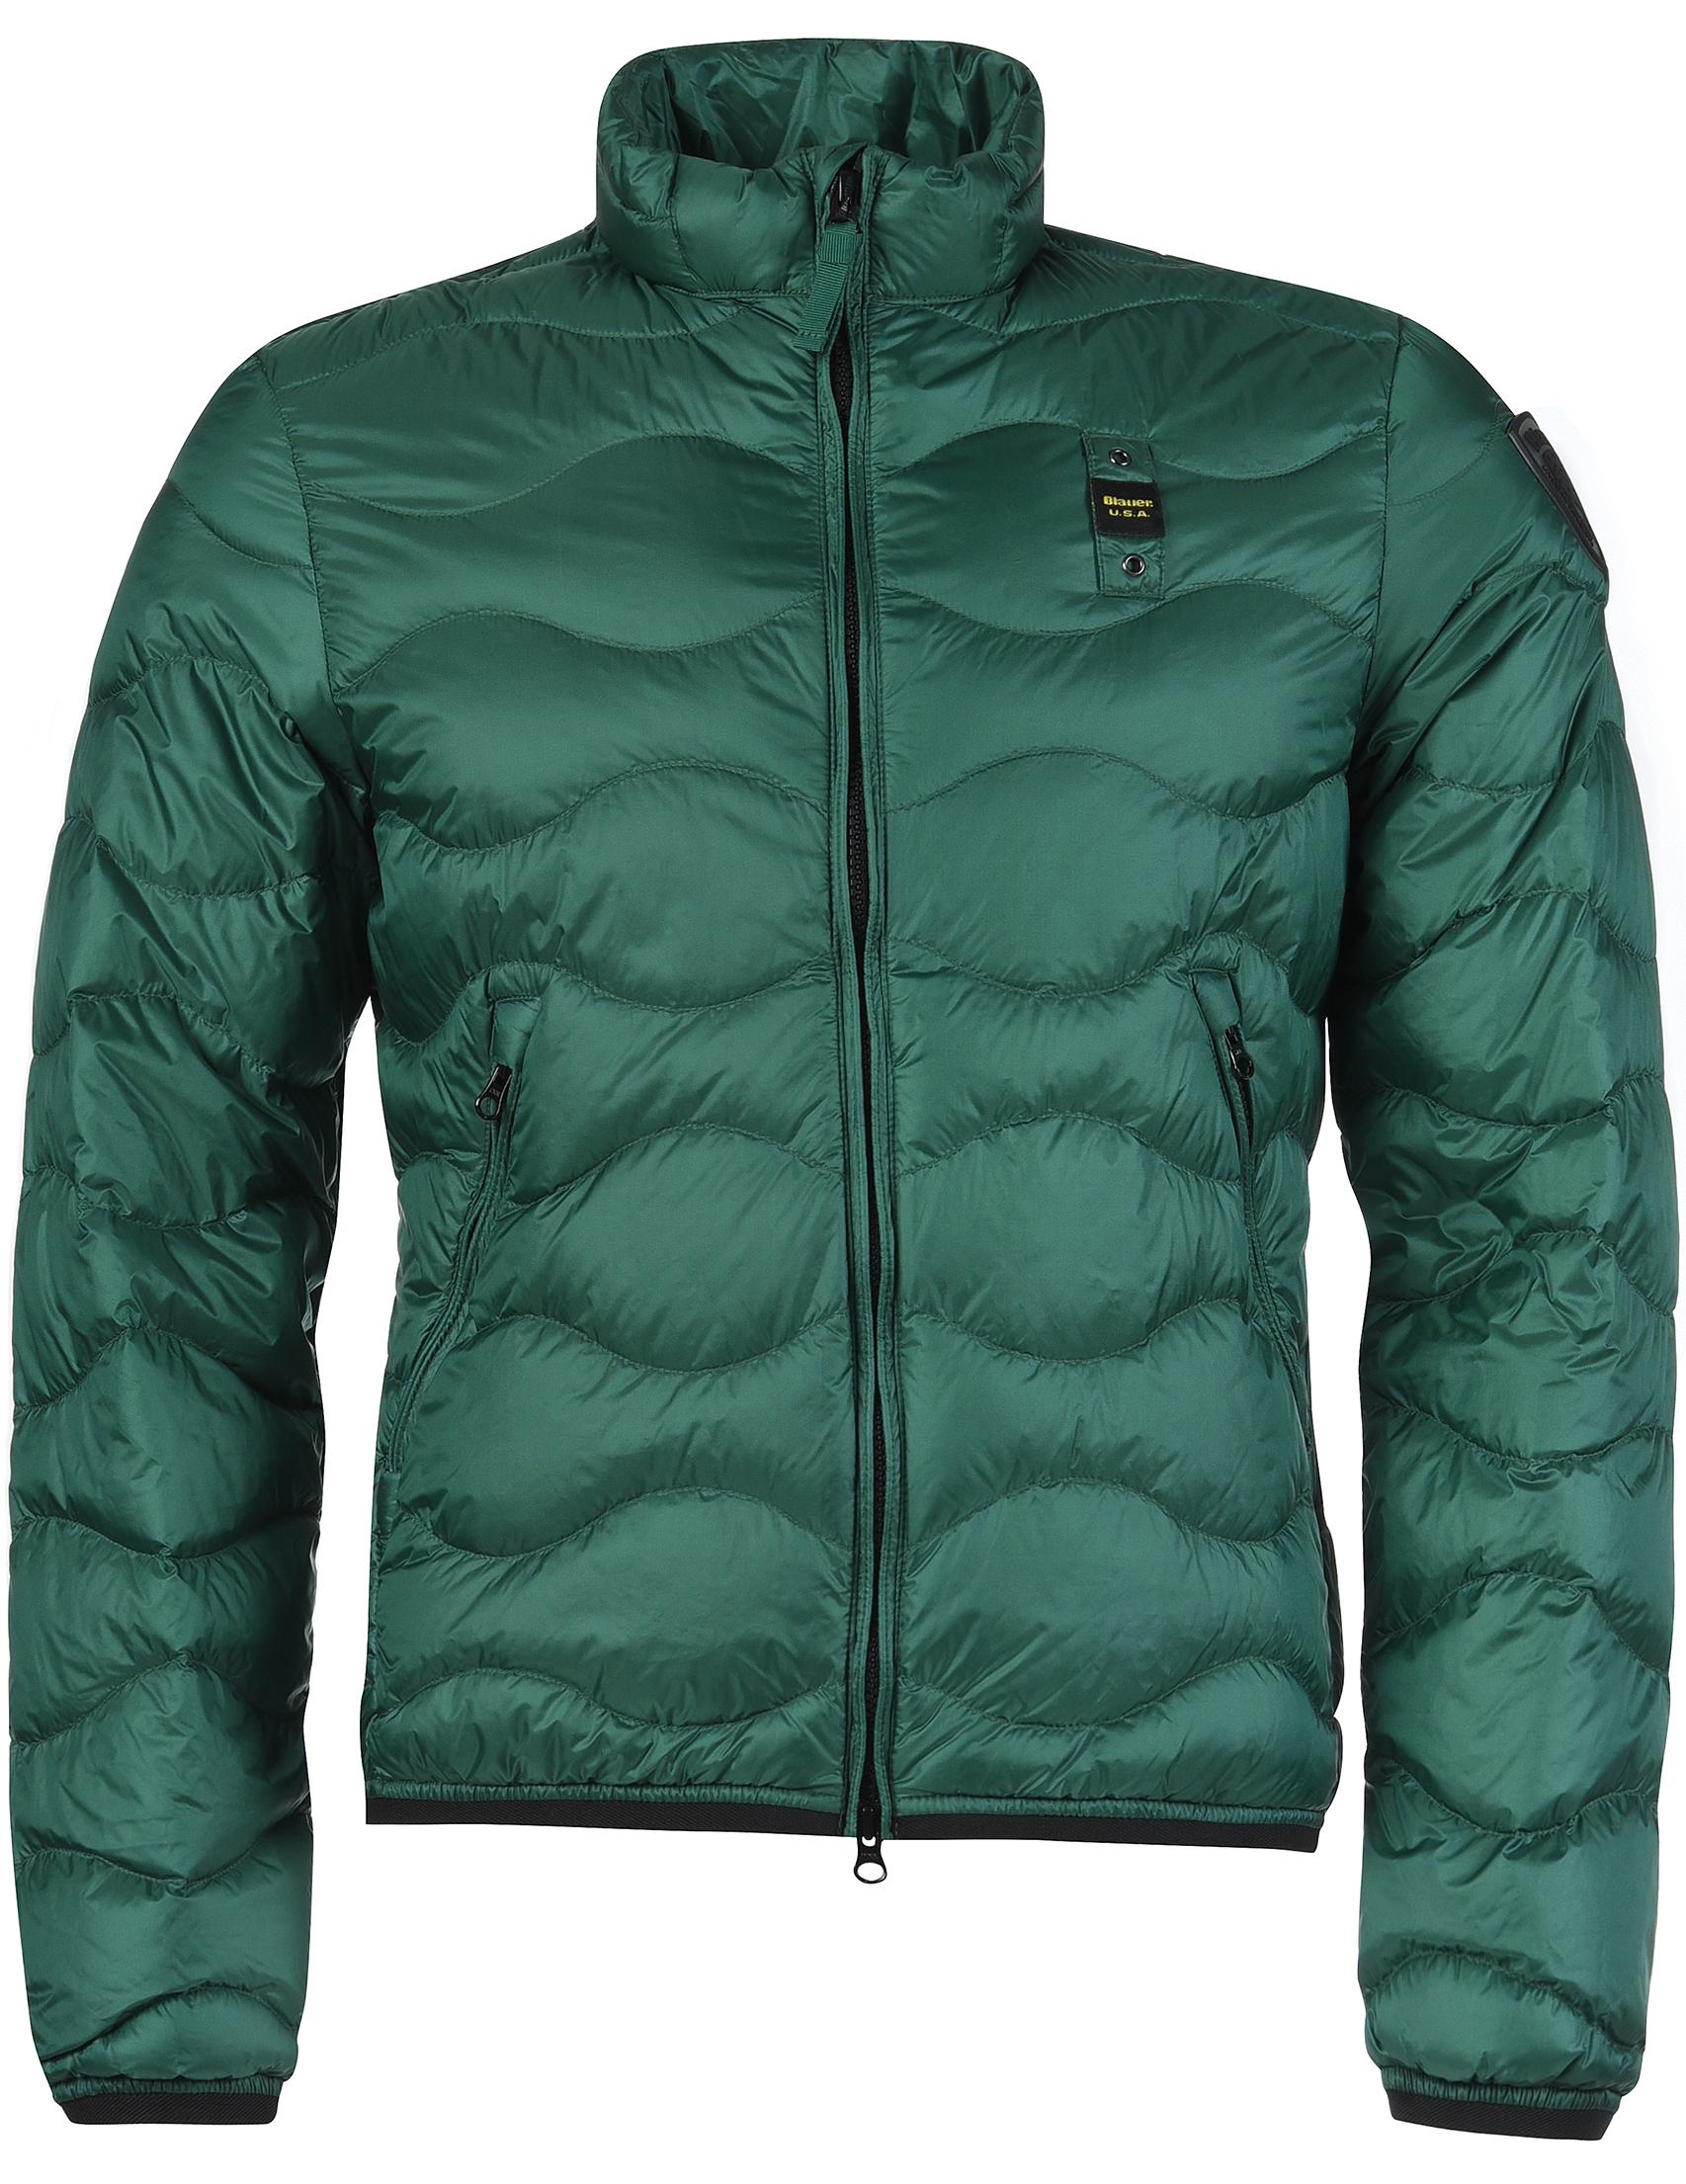 Купить Куртка, BLAUER, Зеленый, 100%Полиамид, Осень-Зима